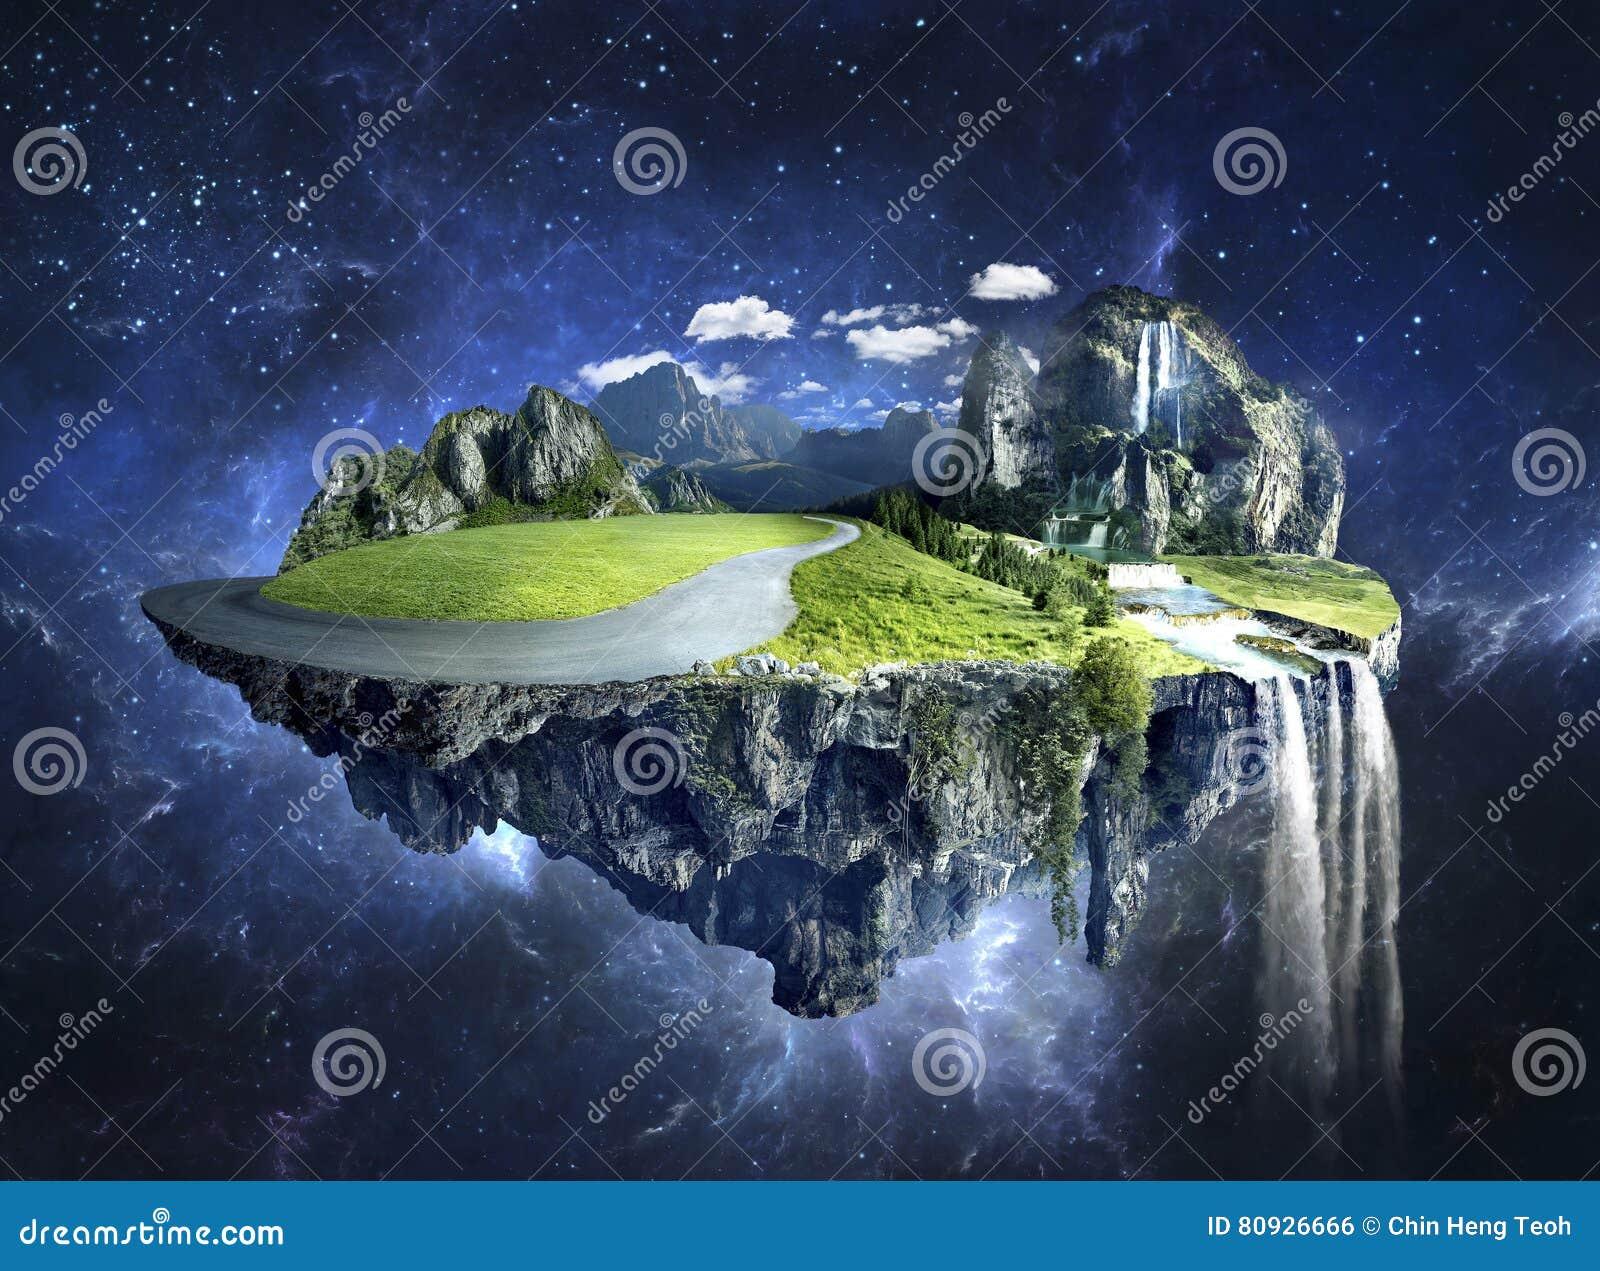 有漂浮在天空中的树丛的惊人的海岛